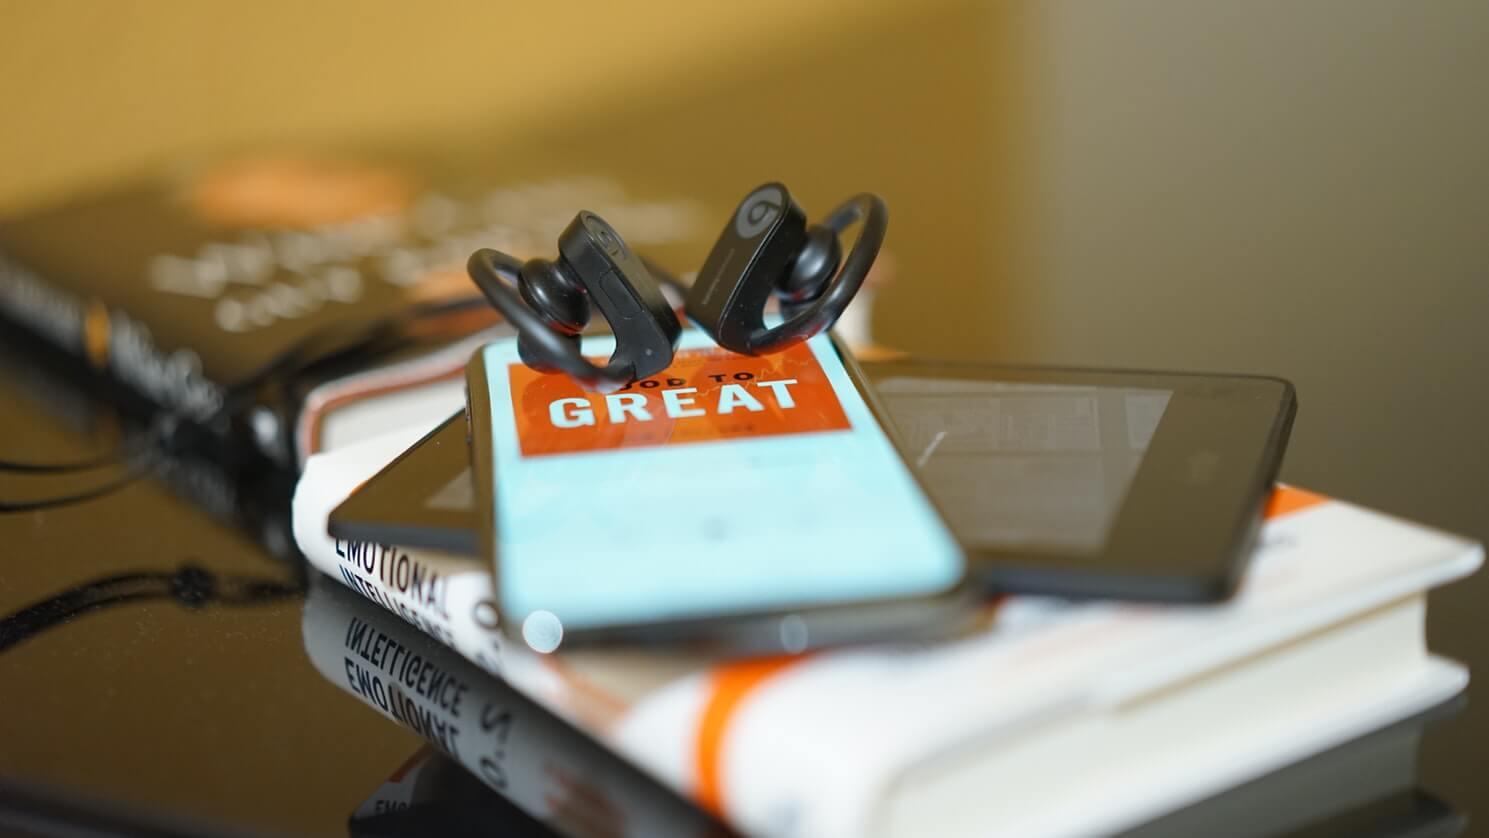 Audibleを使ってみた感想→読書がかなり捗ります